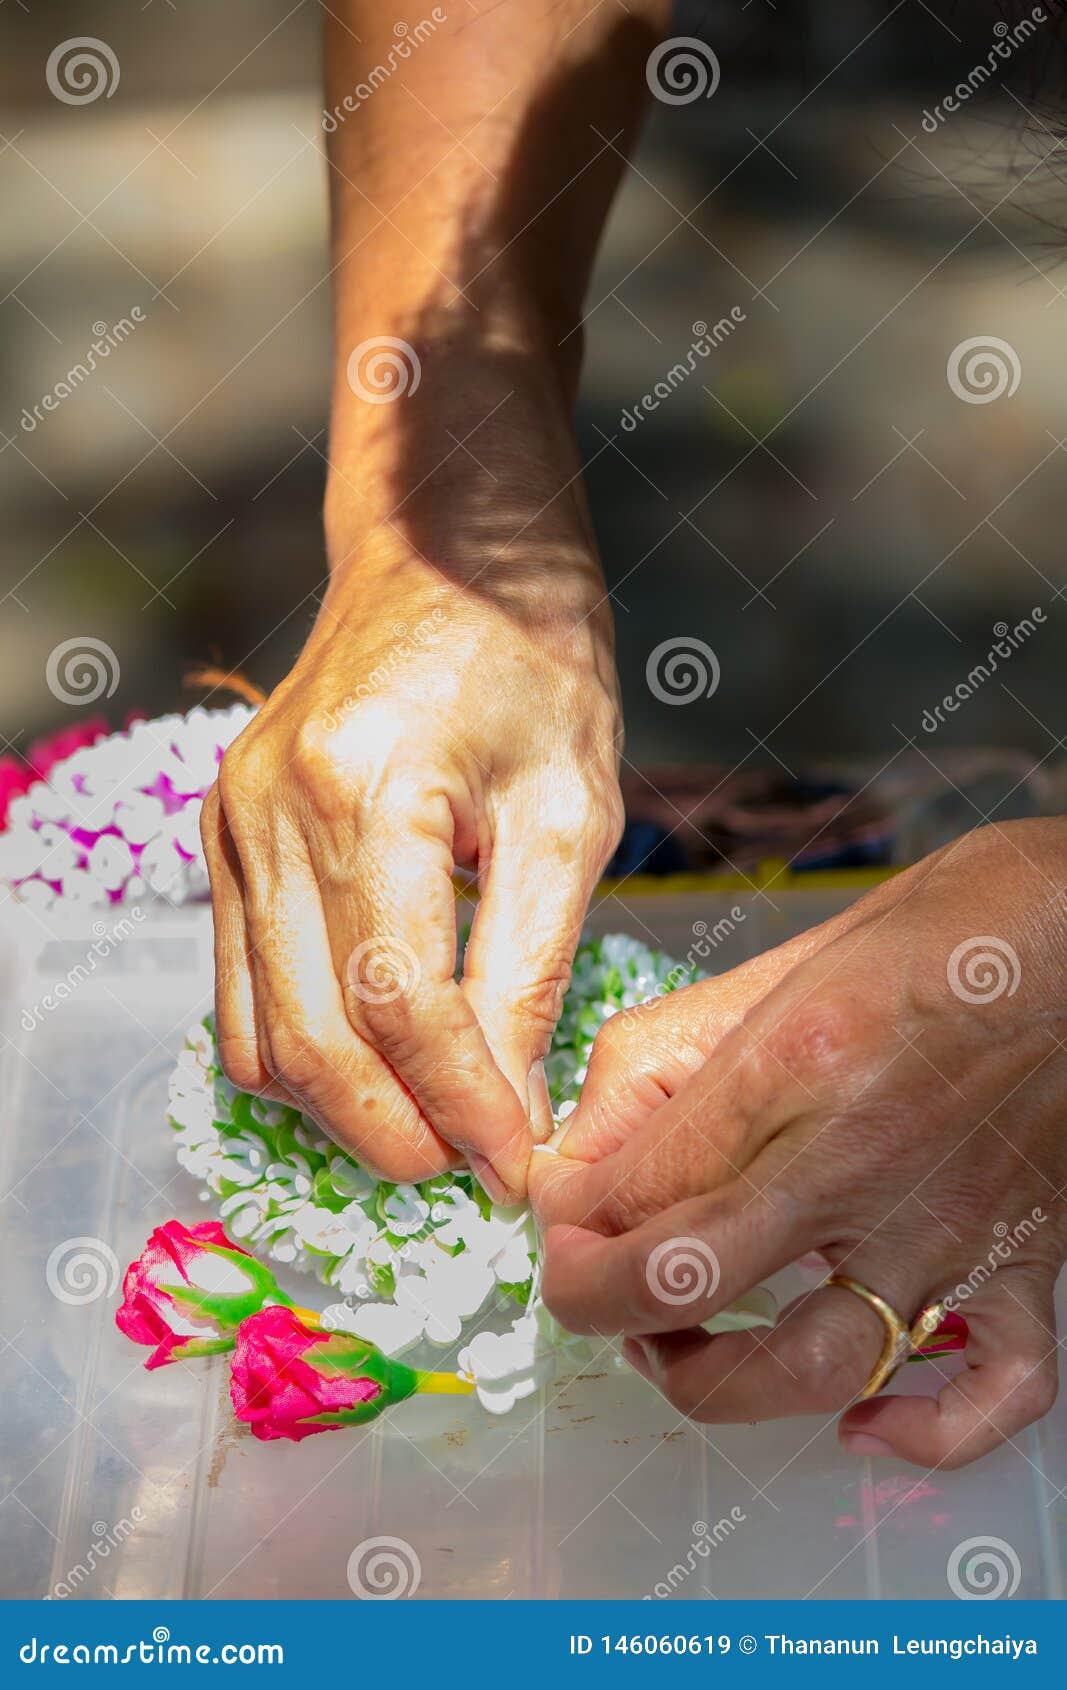 Femme tha?landaise faisant ? une tradition la guirlande tha?landaise de fleurs